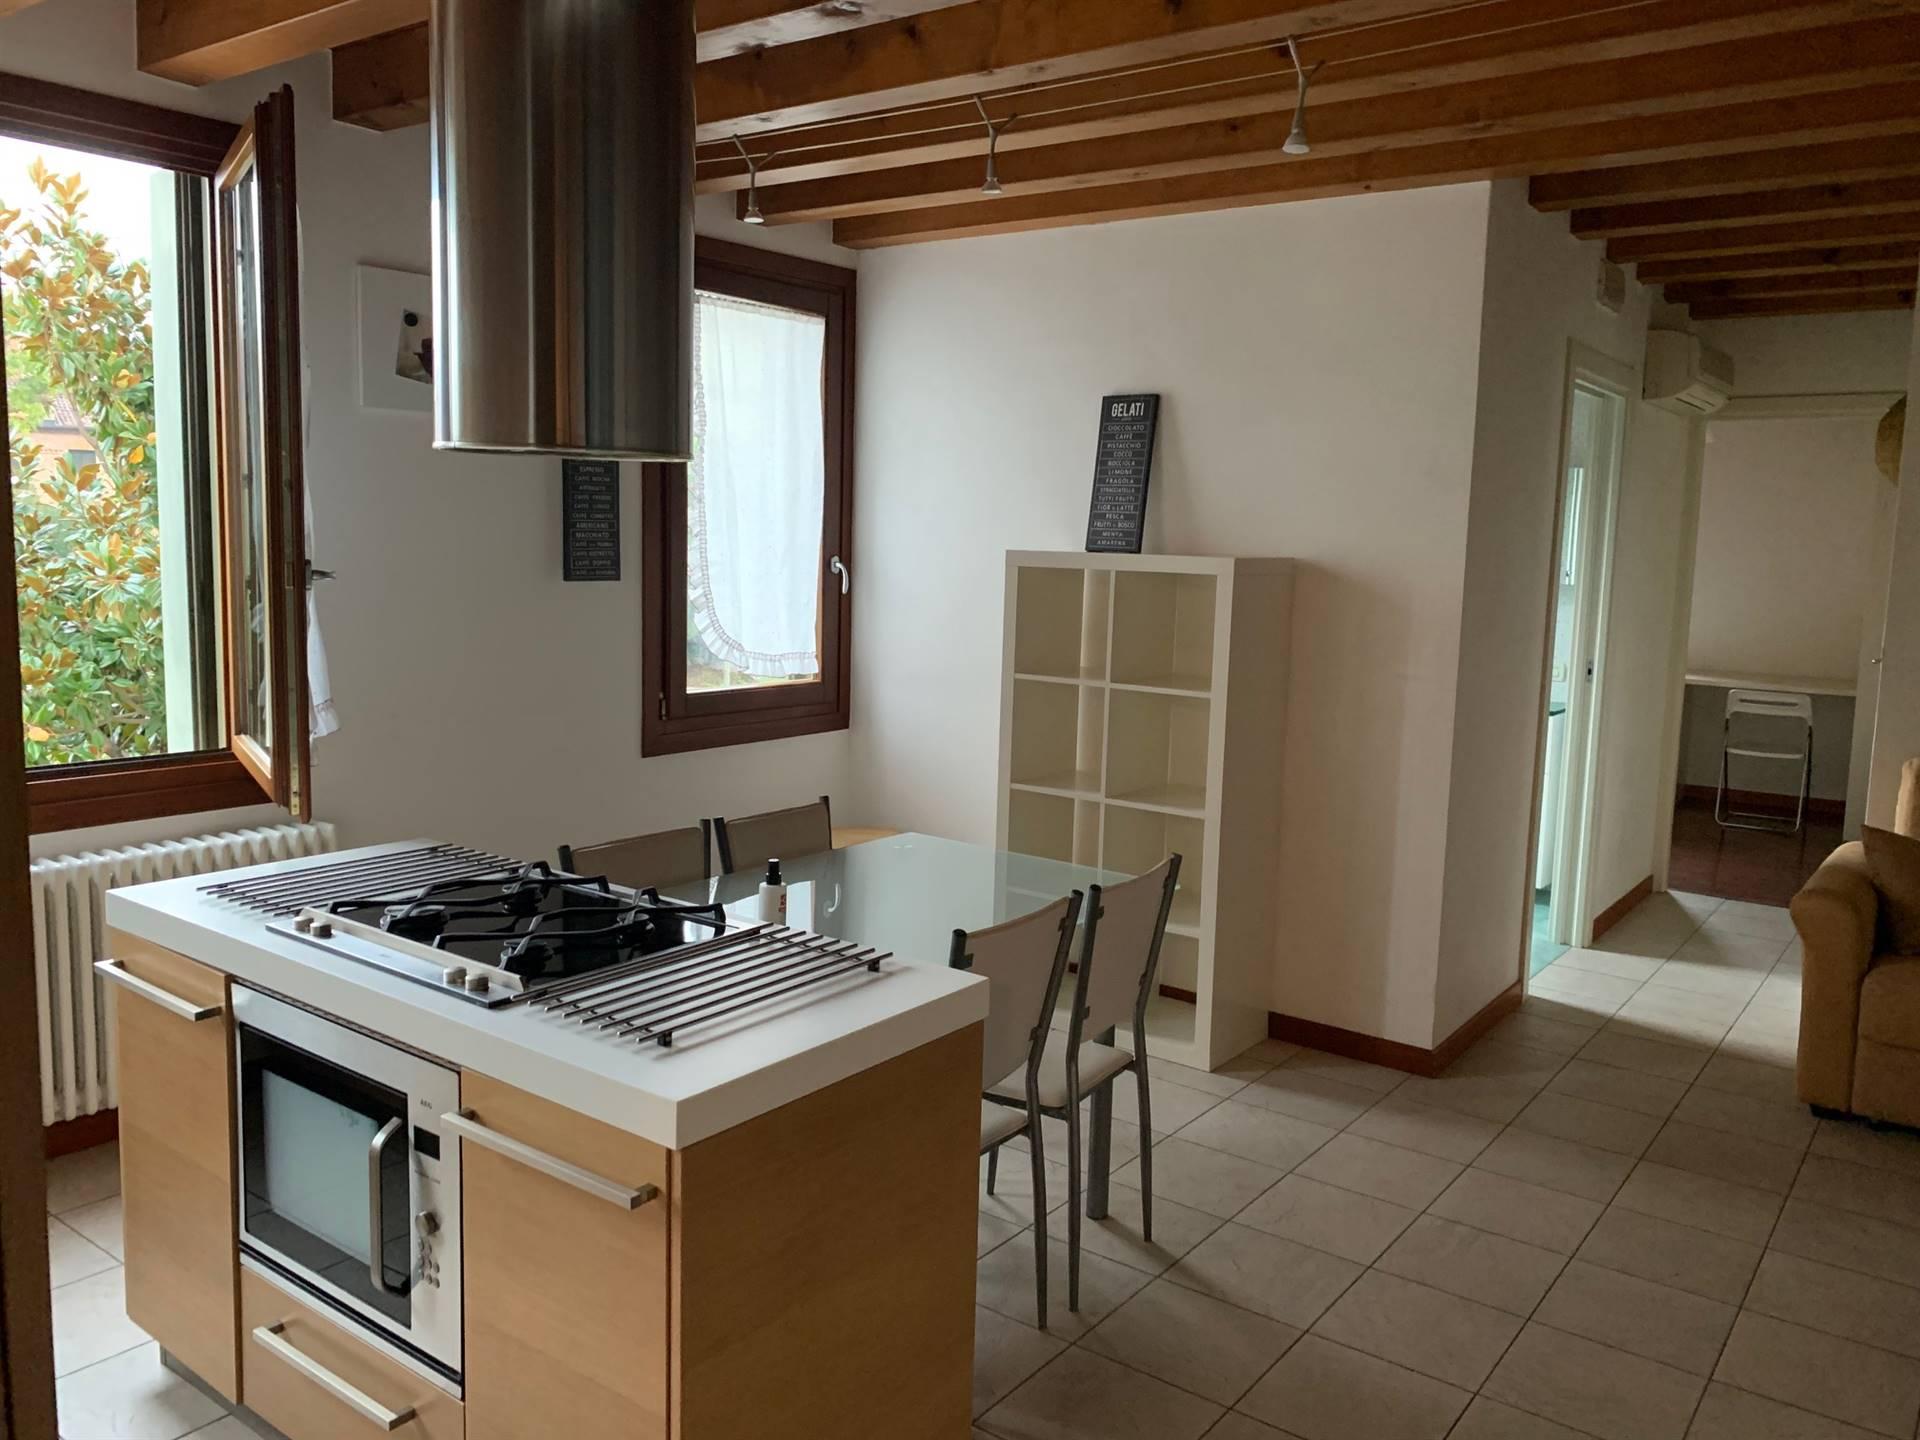 cucina appartamento travi vendita centro Mestre